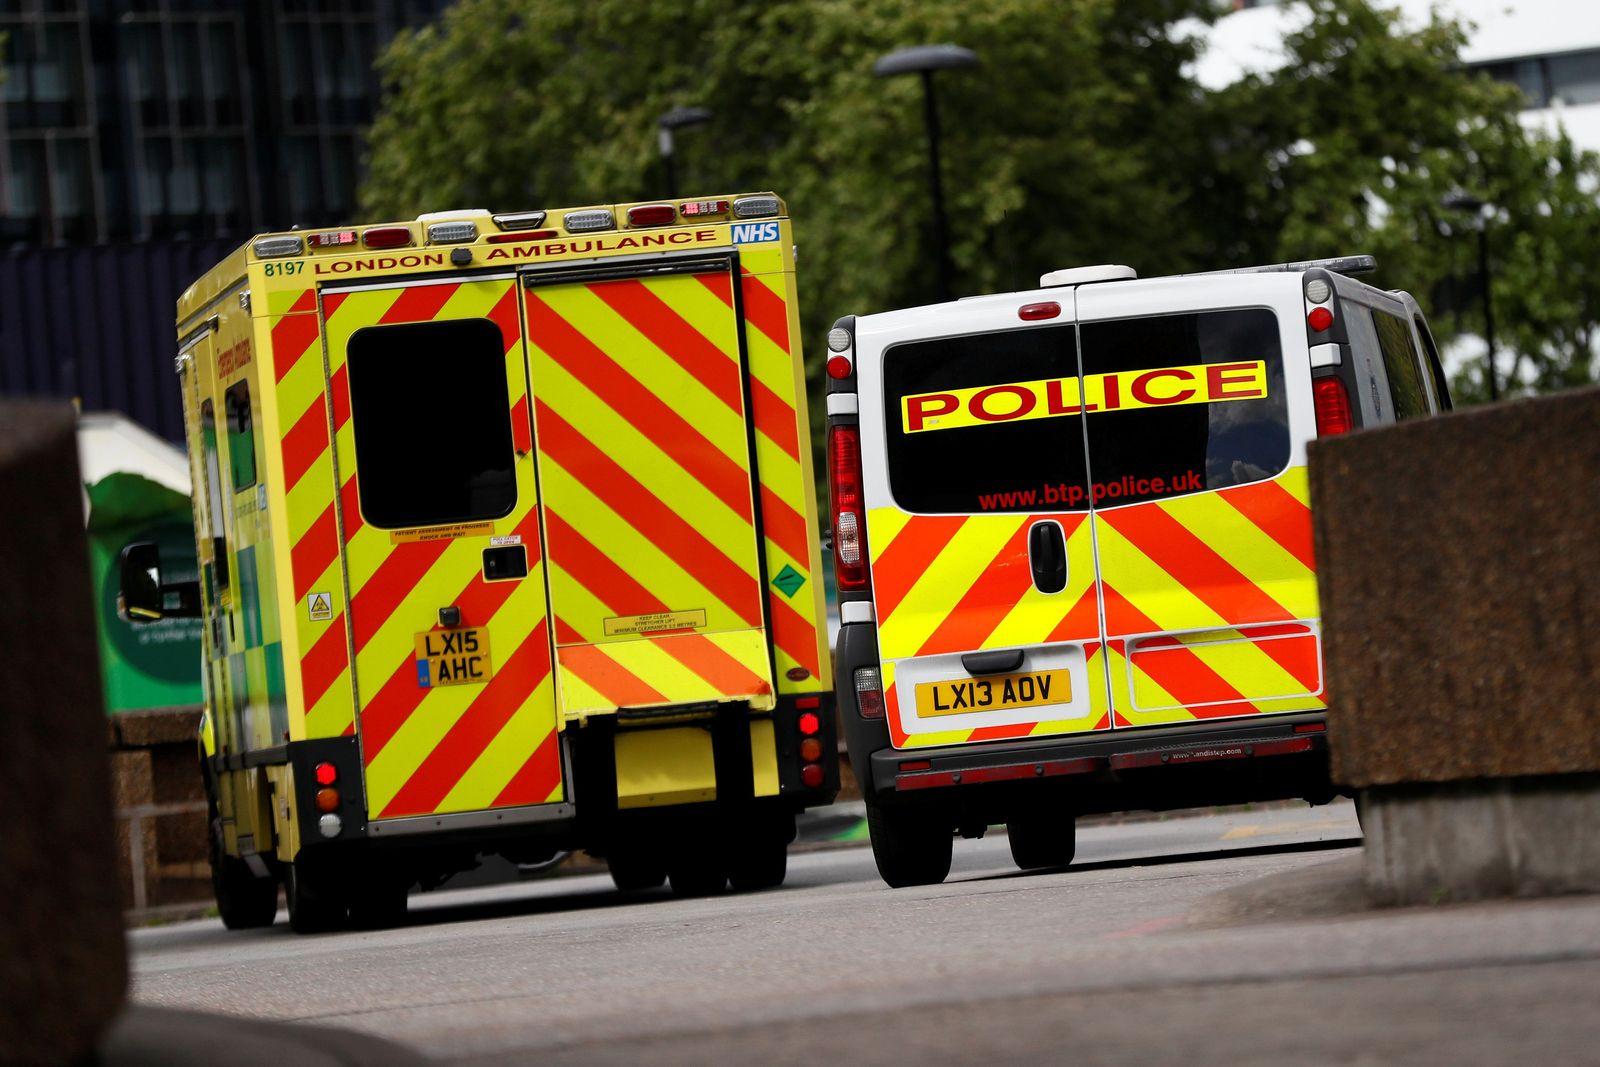 BRITAIN-SECURITY/HOSPITALS